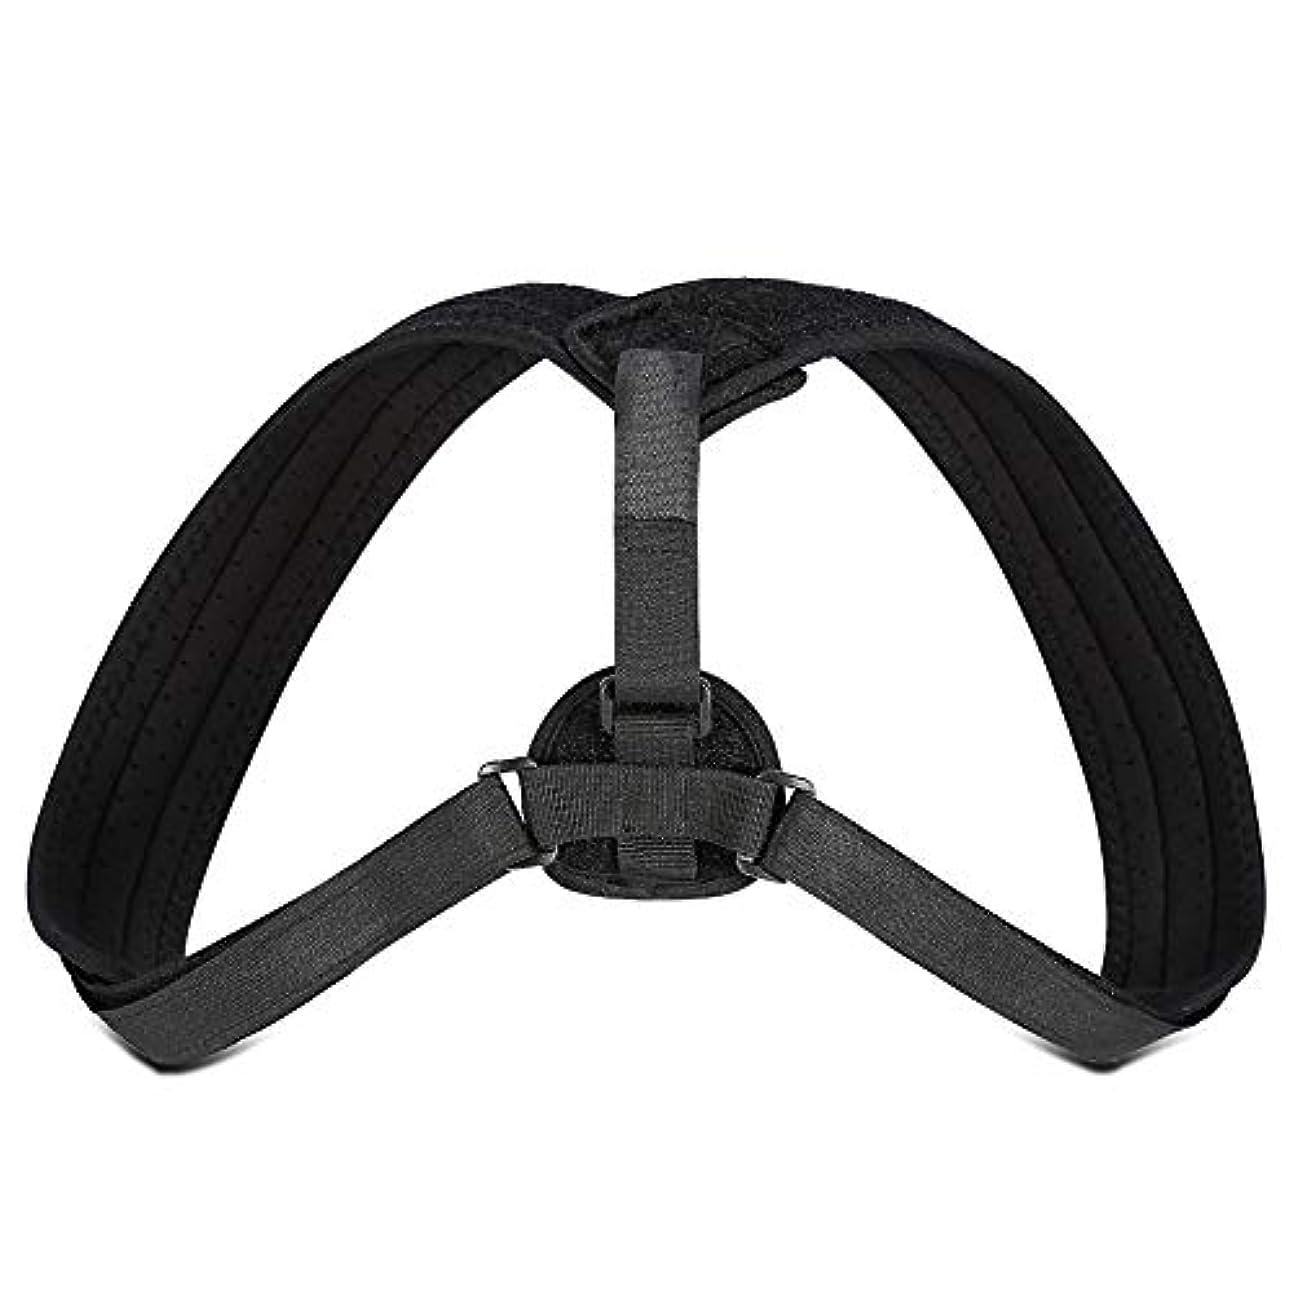 ボウル餌キャプテンYosoo Posture Corrector - ブレースアッパーバックネックショルダーサポートアジャスタブルストラップ、肩の体位補正、整形外科用こぶの緩和のための包帯矯正、ティーン用